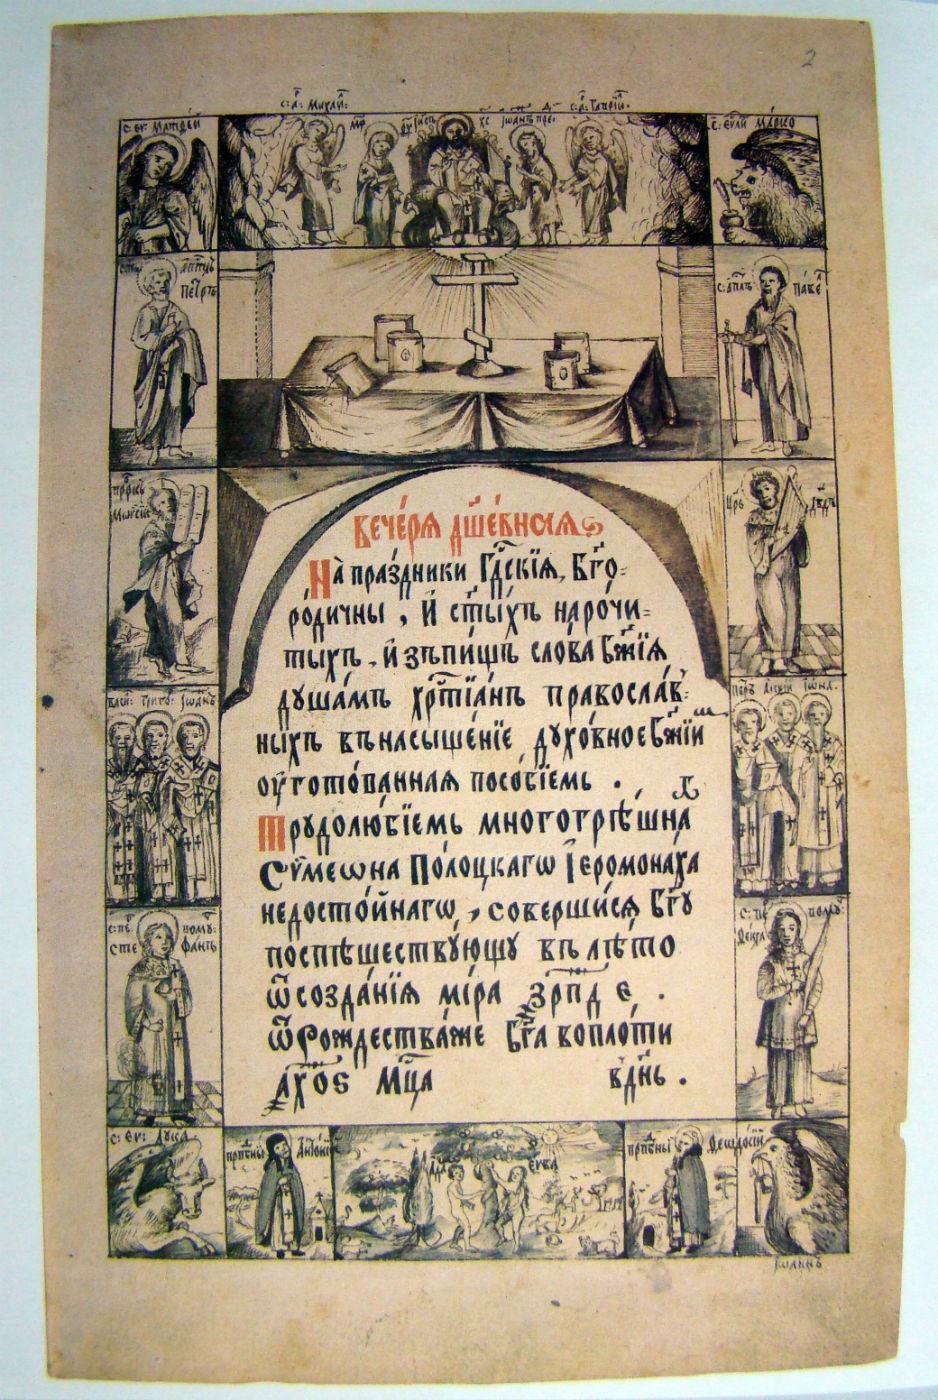 3. Симеон Полоцкий - Титульный лист рукописной книги Вечеря душевная, 1676 г.